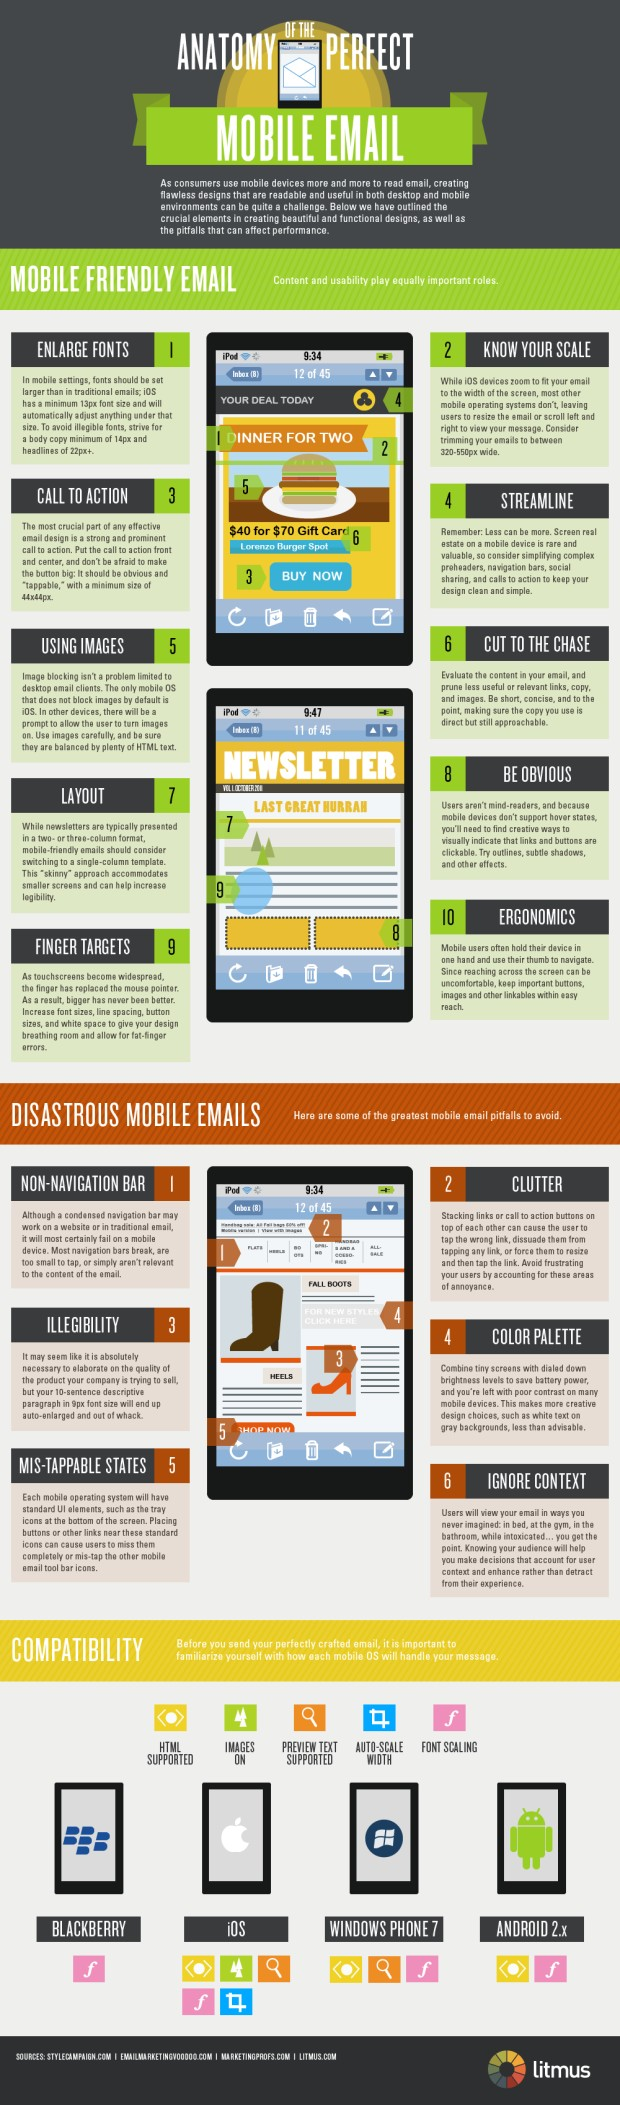 De 10 tips voor een succesvolle e-mail mobile marketing campagne